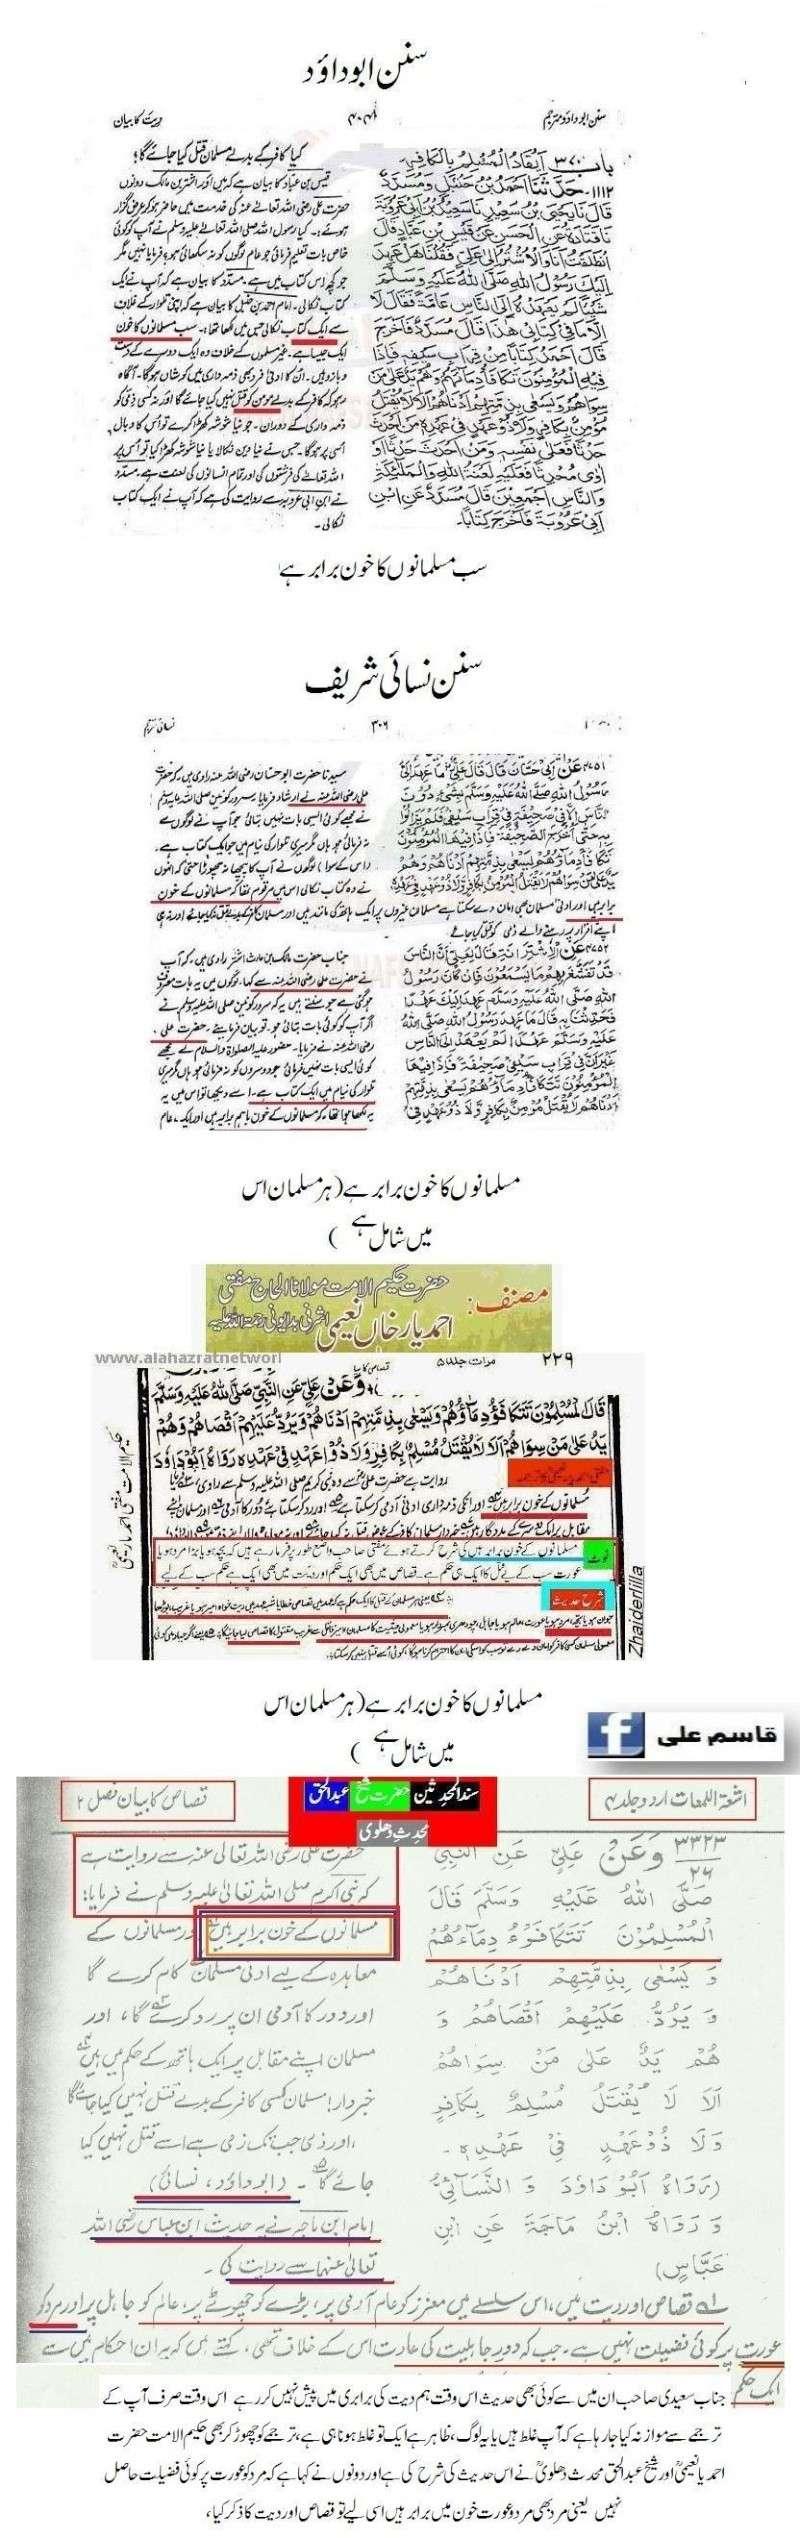 دیت کی جعلی فتوی فیکٹری پر منہاج القرآن کی فتح کا جھنڈا - Page 2 Qasim_23